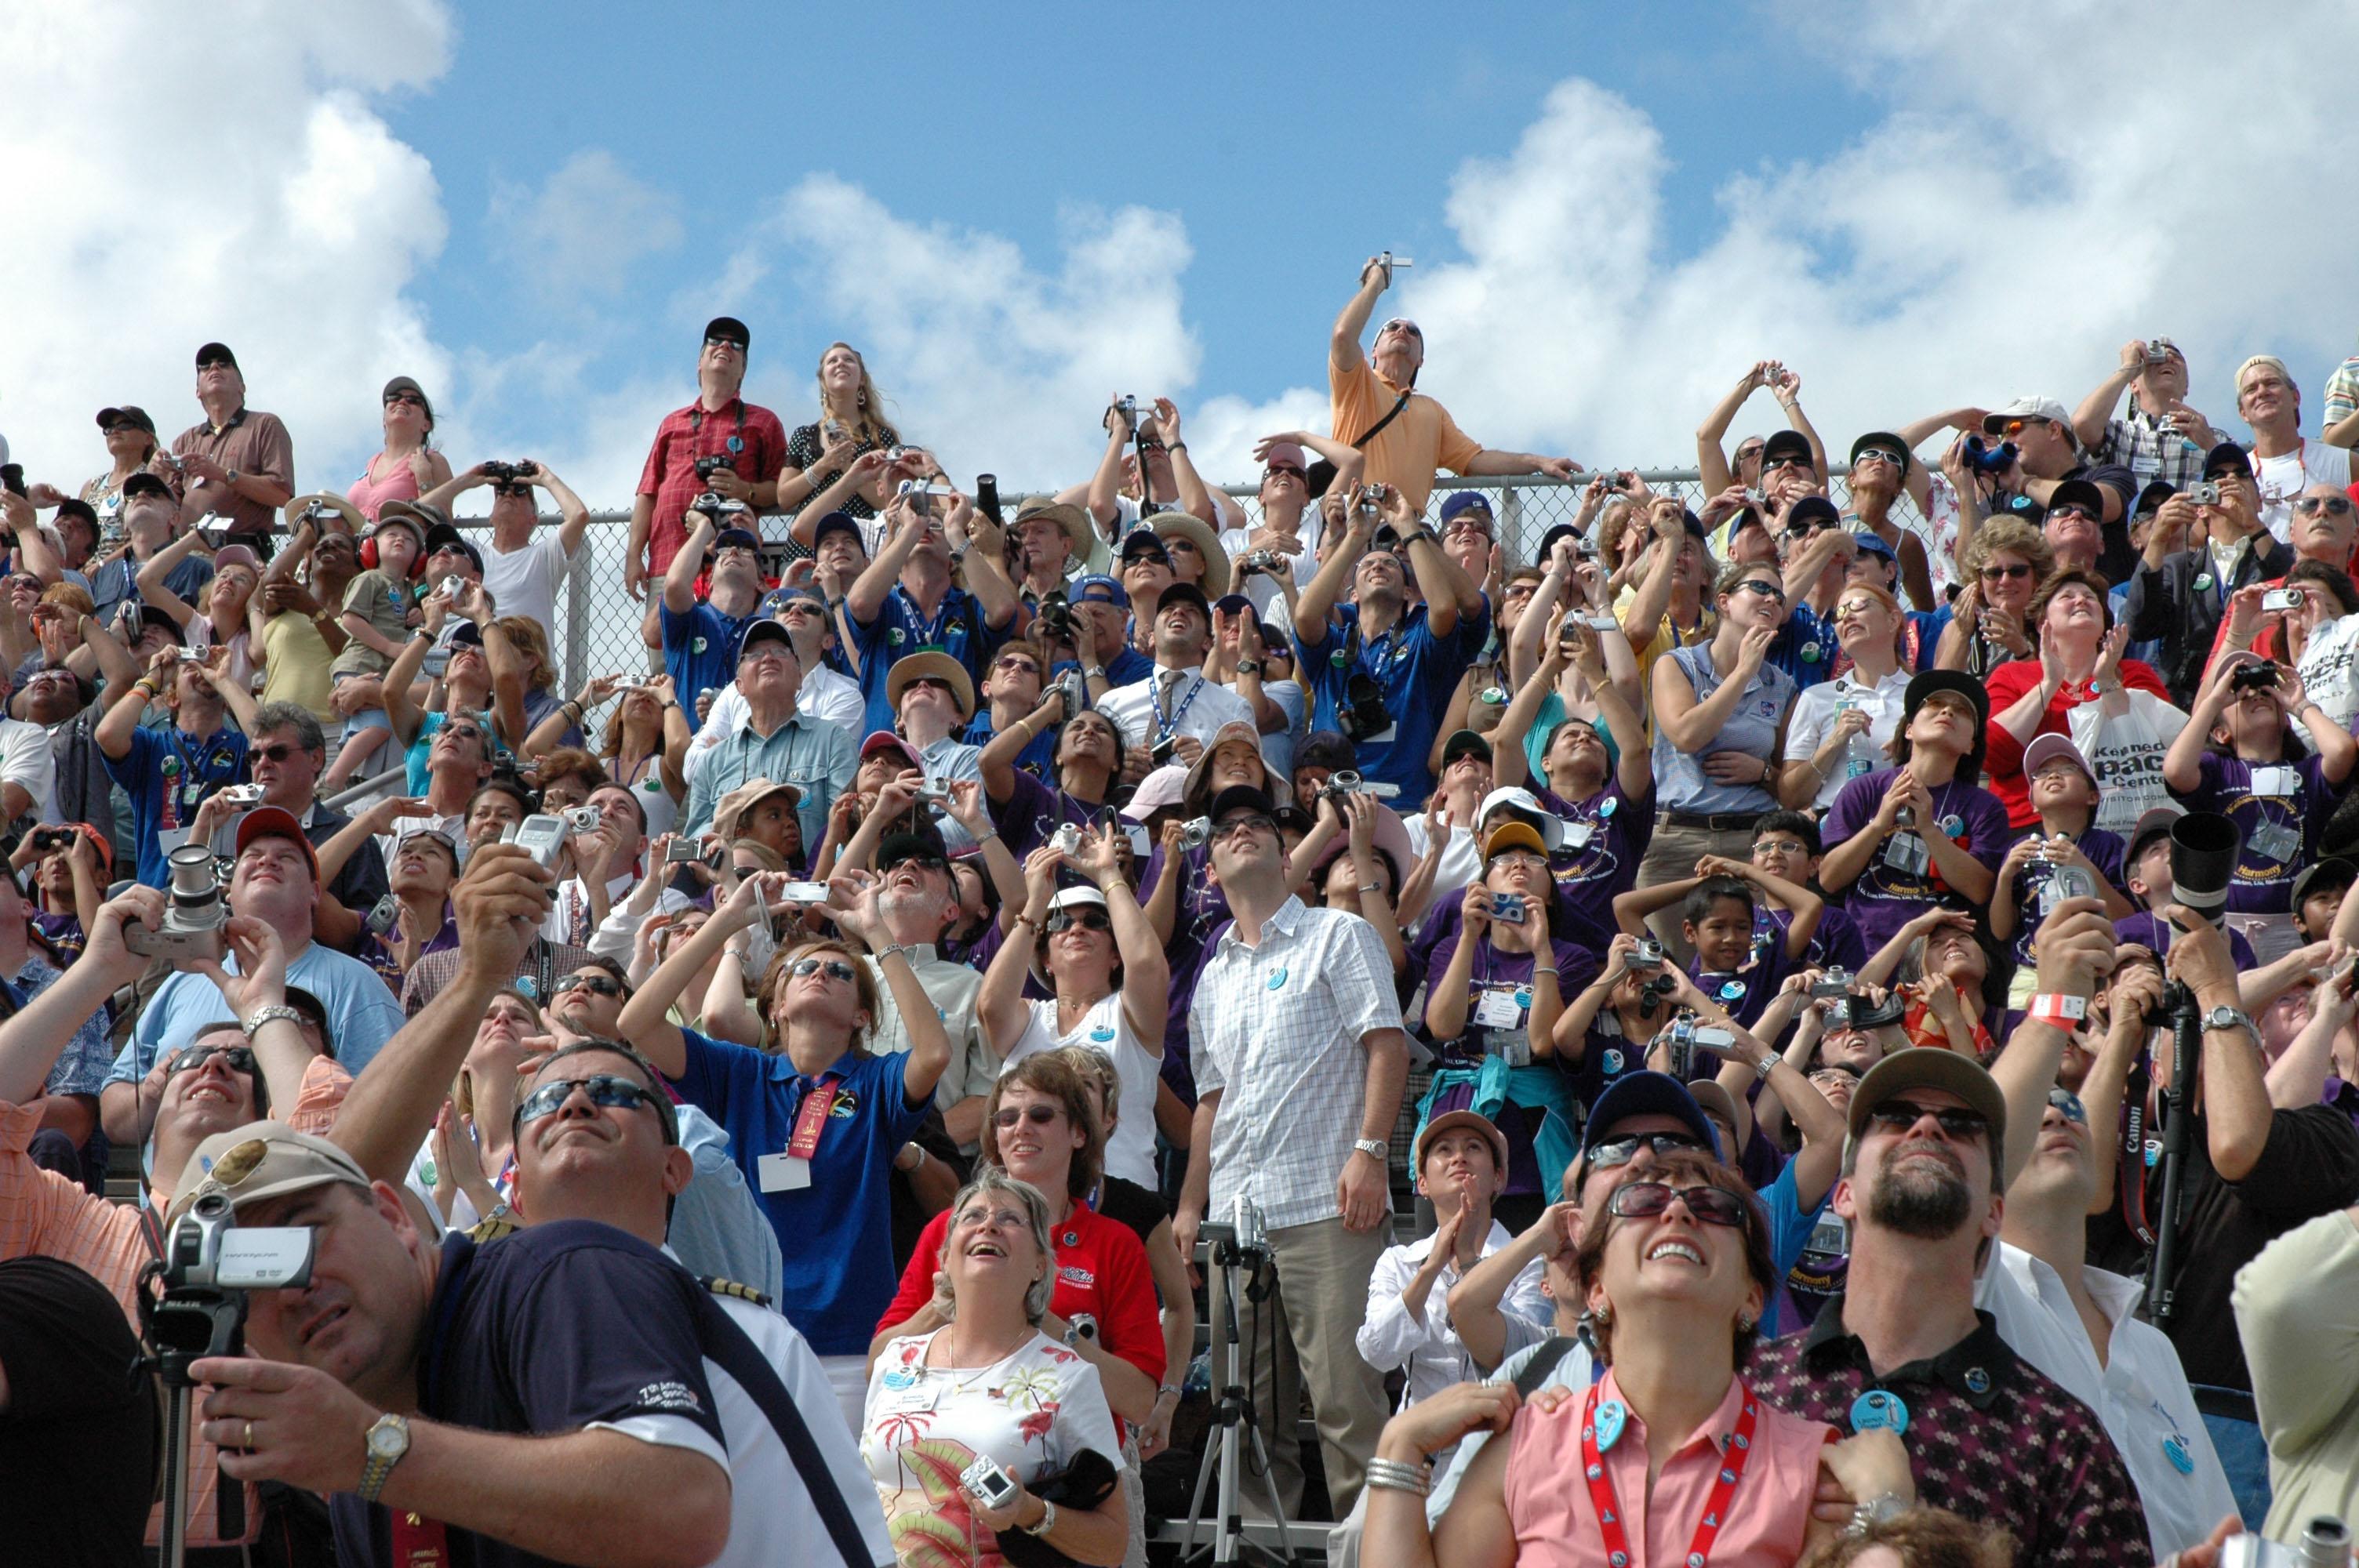 nasa crowd images - HD3008×2000